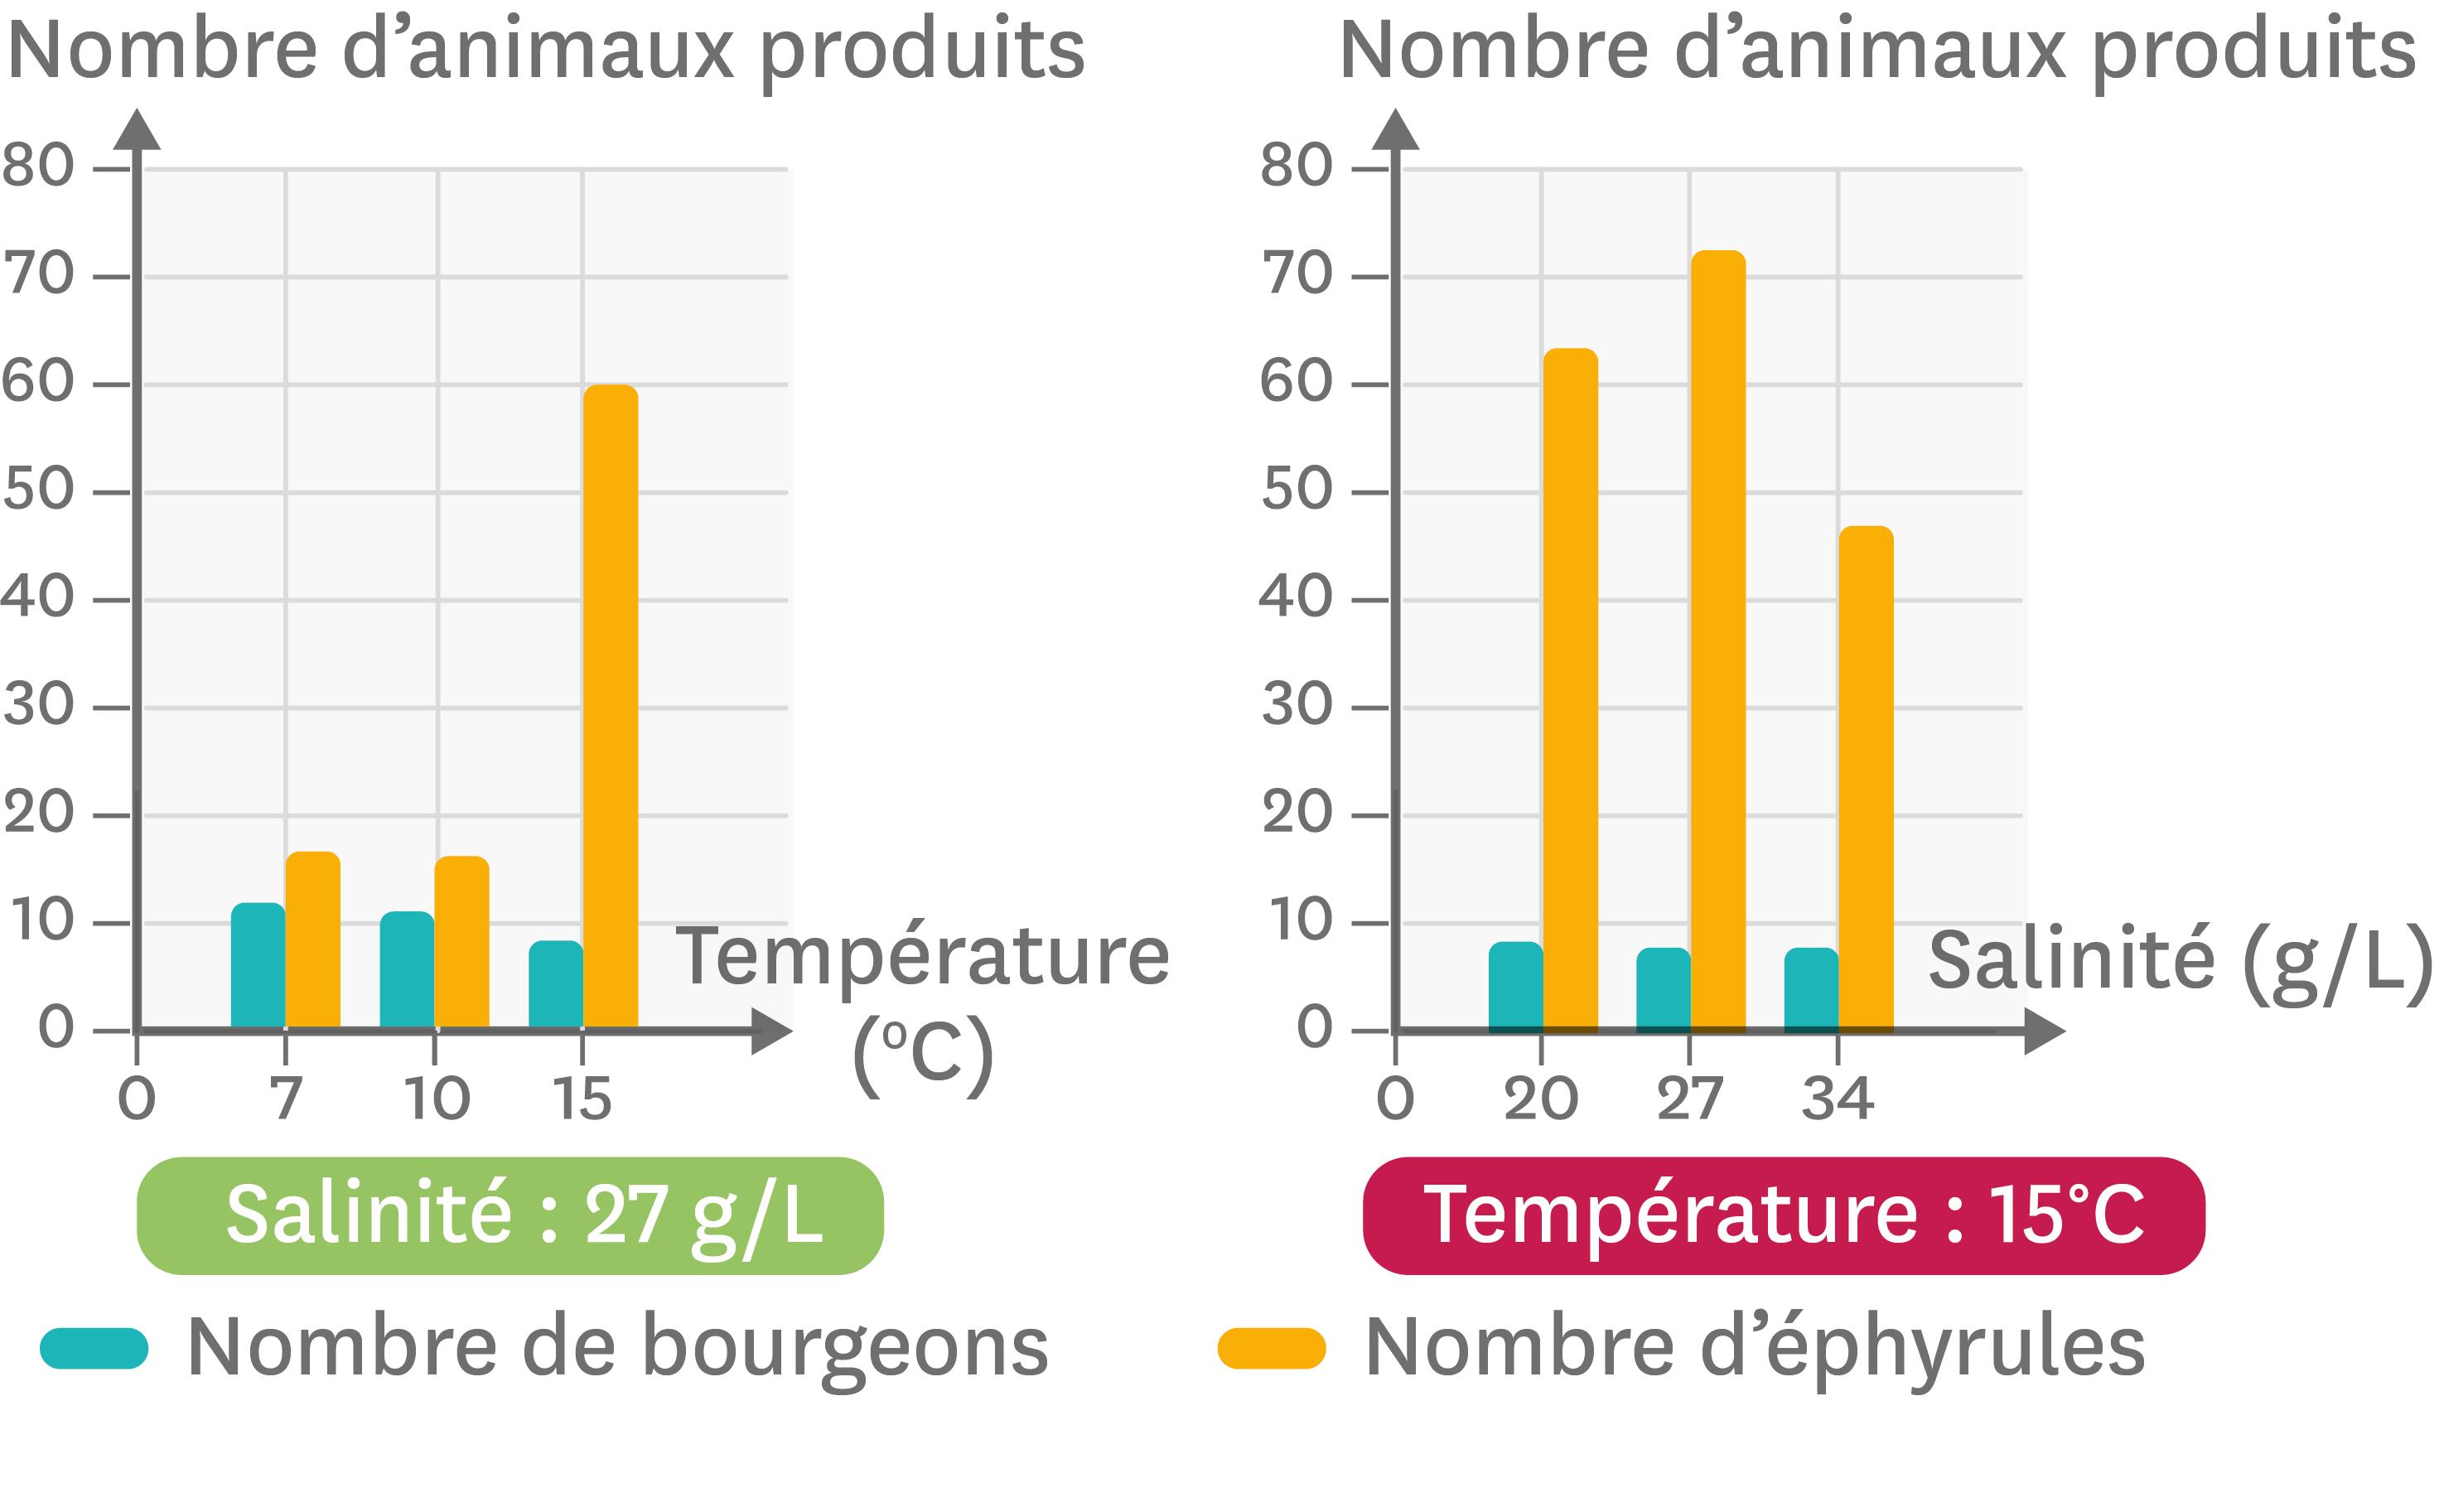 <stamp theme='svt-green1'>Doc. 2</stamp> Les variations du nombre de bourgeons et d'éphyrules en fonction de la température et de la salinité du milieu.